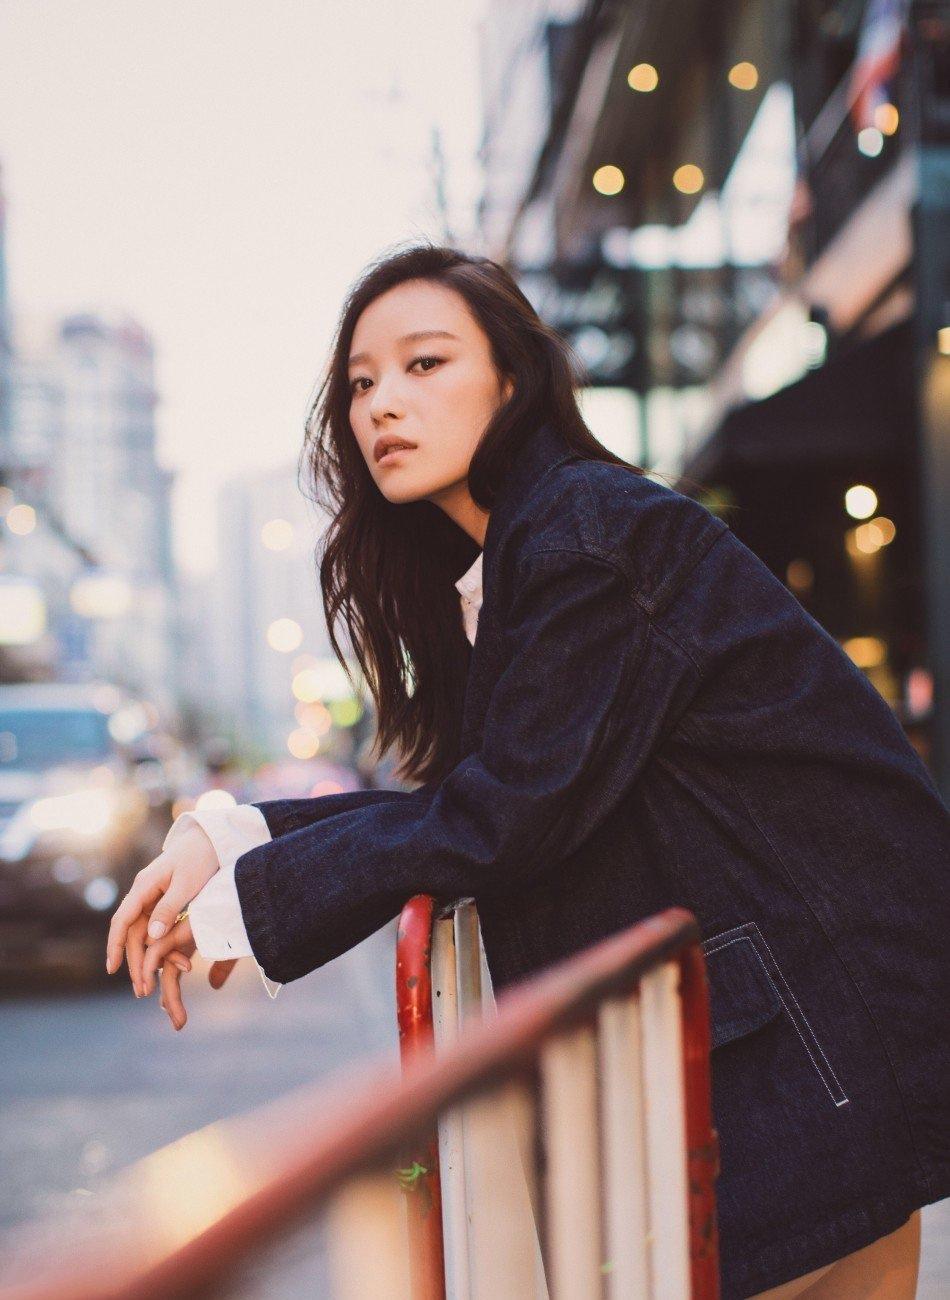 美女倪妮泰国街头拍写真文艺范儿十足